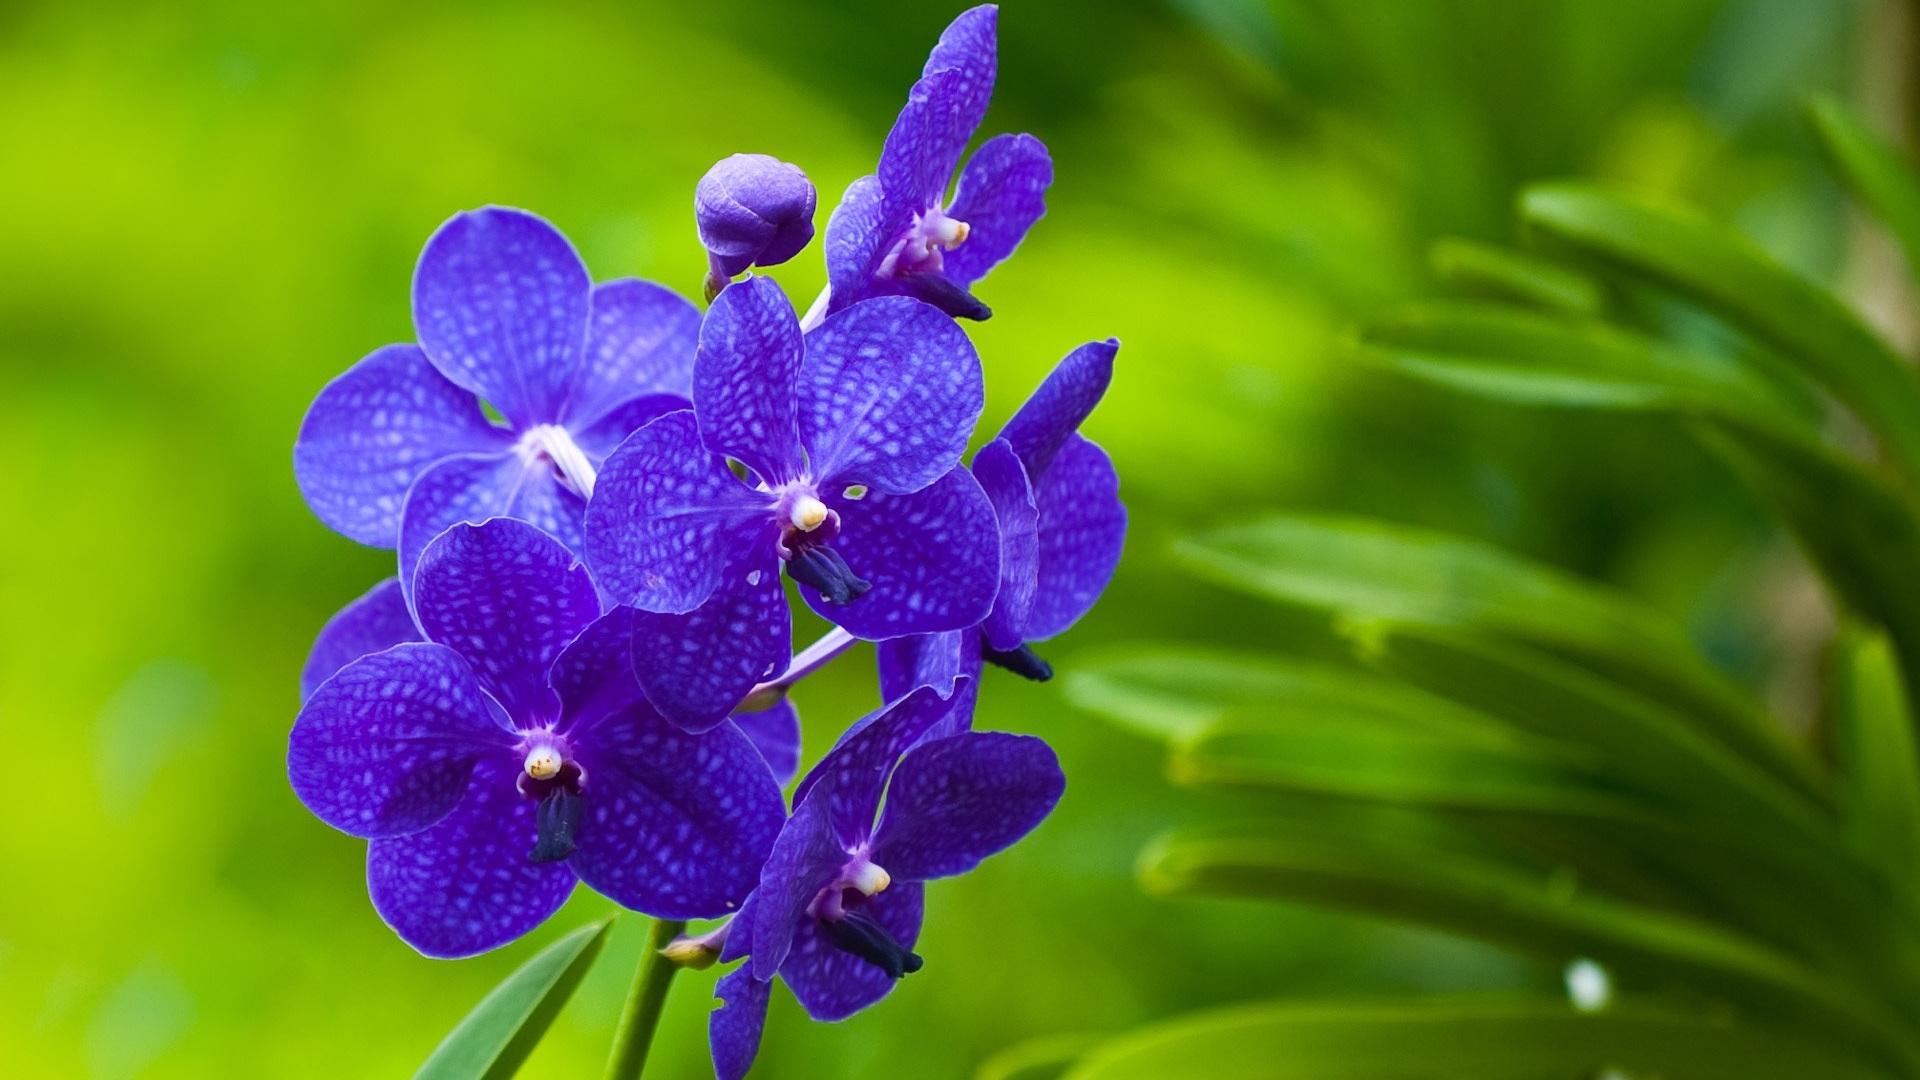 42784 Заставки и Обои Фиалки на телефон. Скачать Растения, Цветы, Фиалки картинки бесплатно